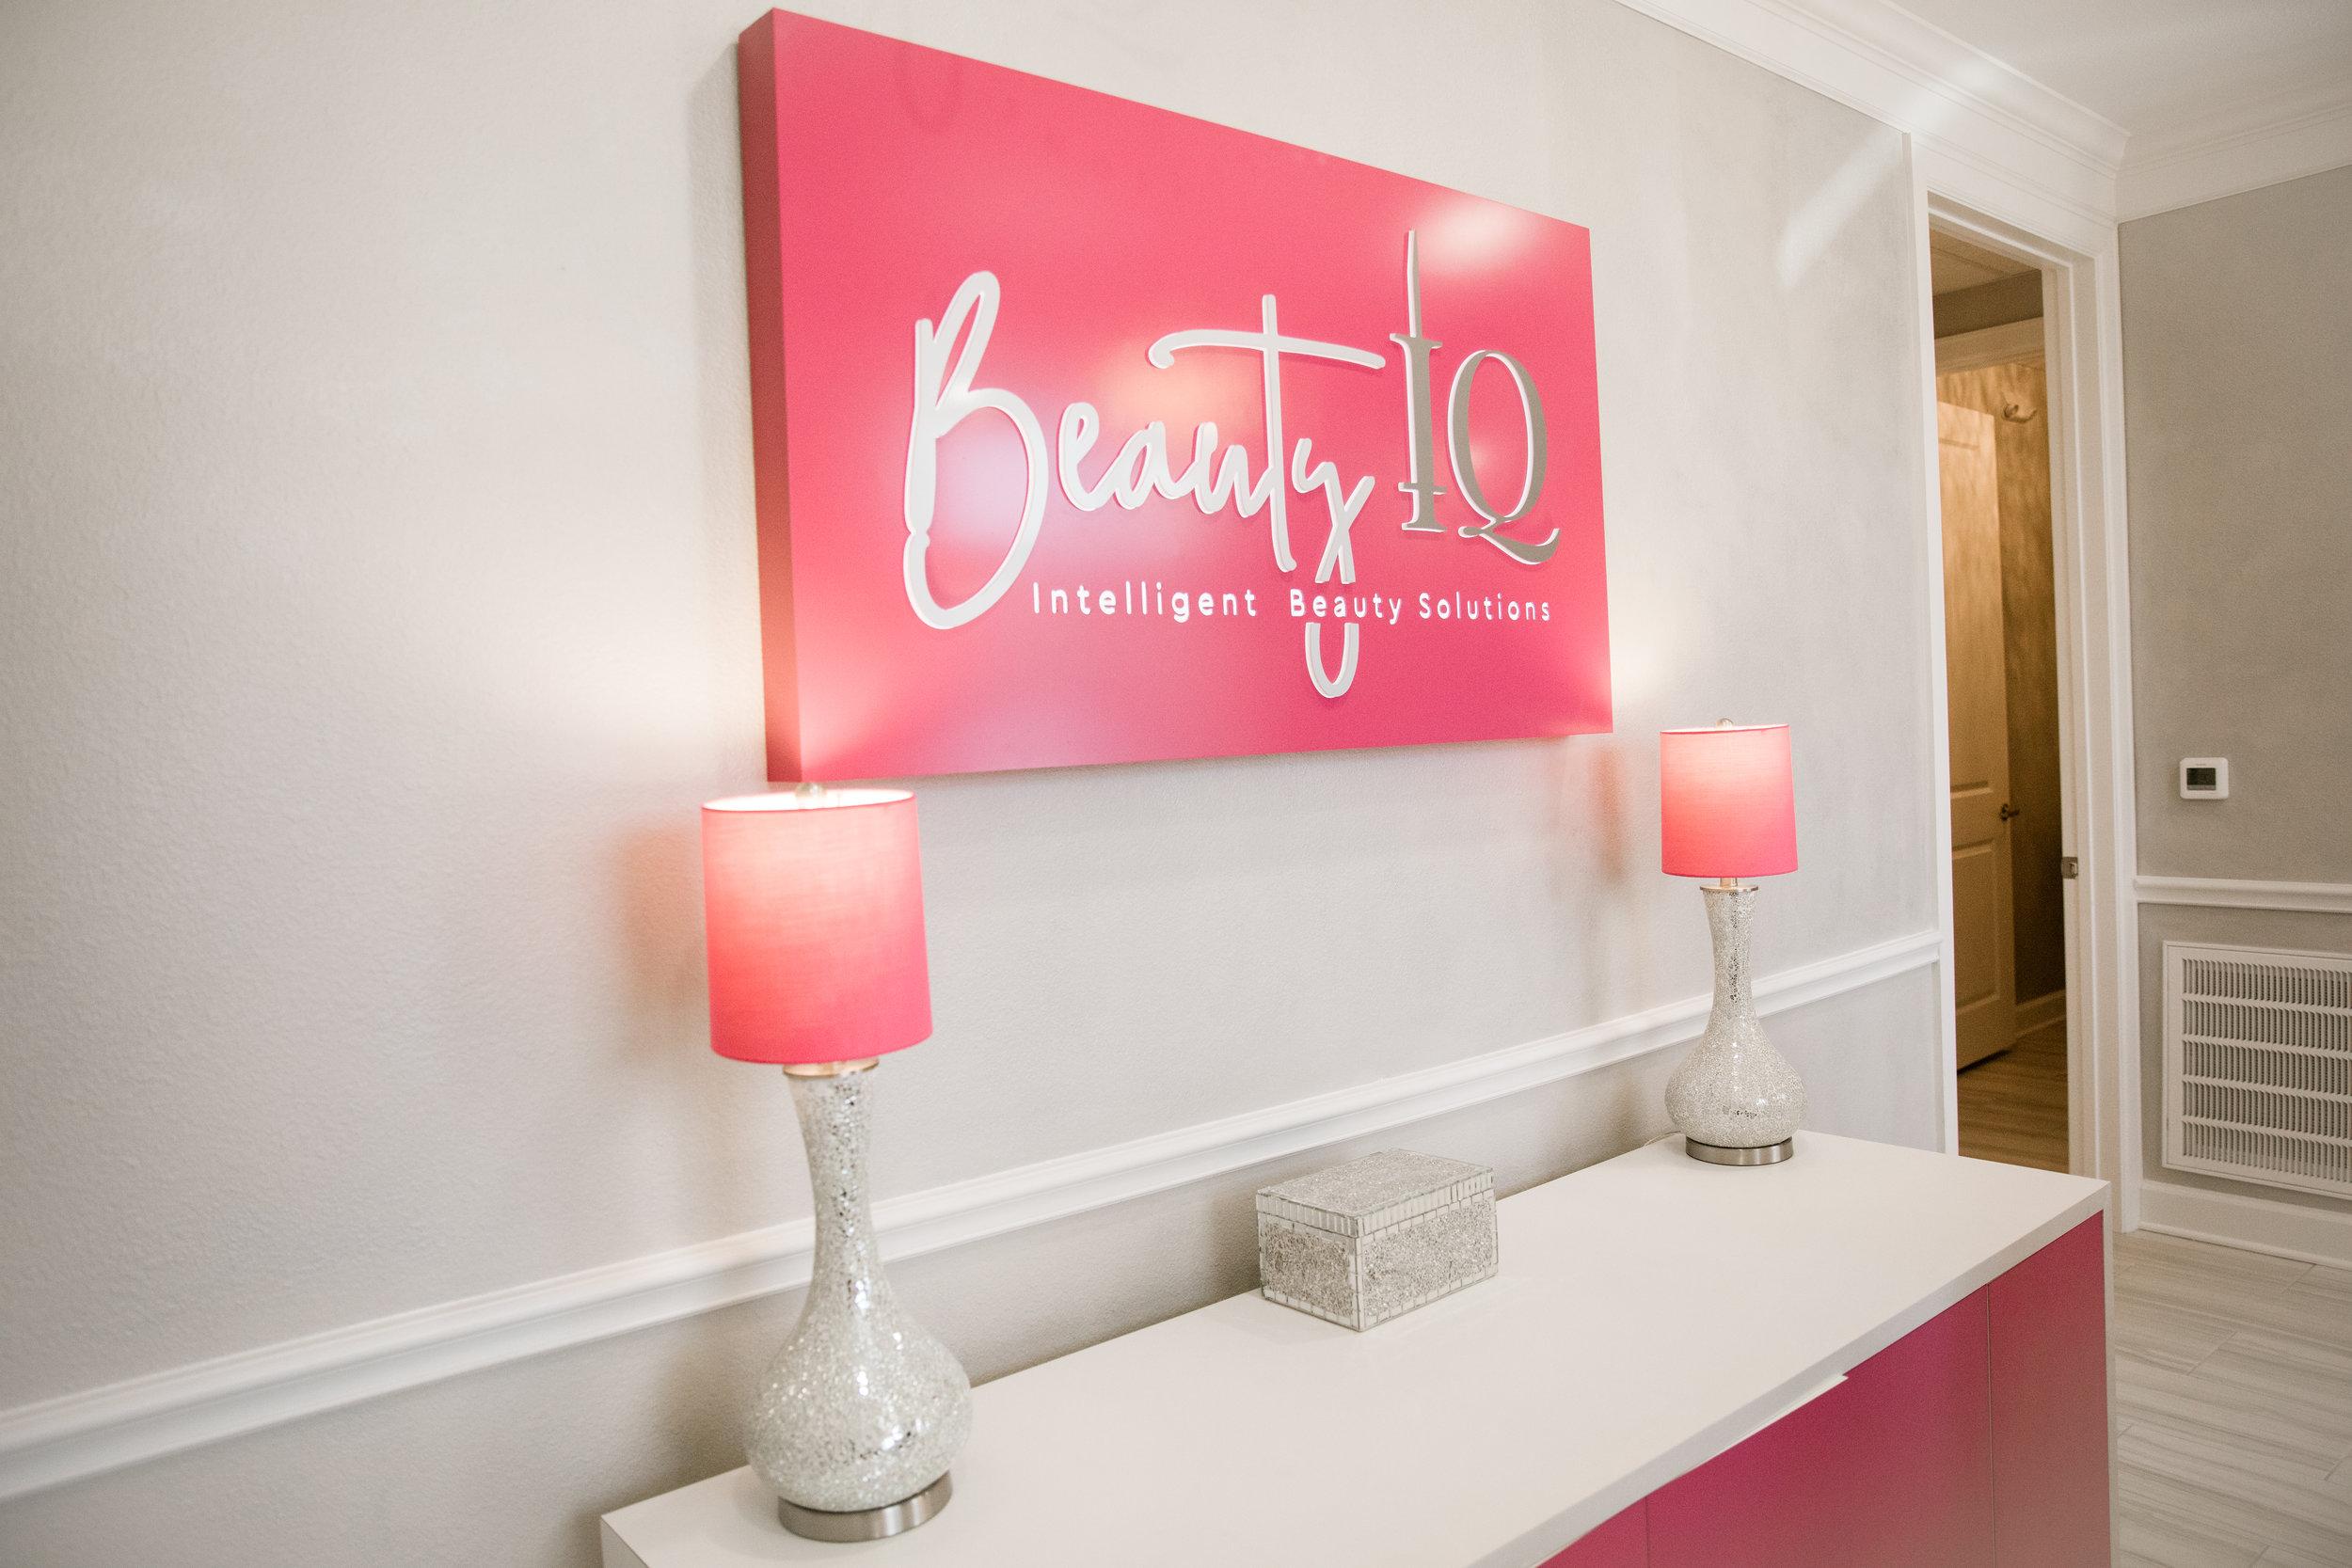 BeautyIQ-78.jpg